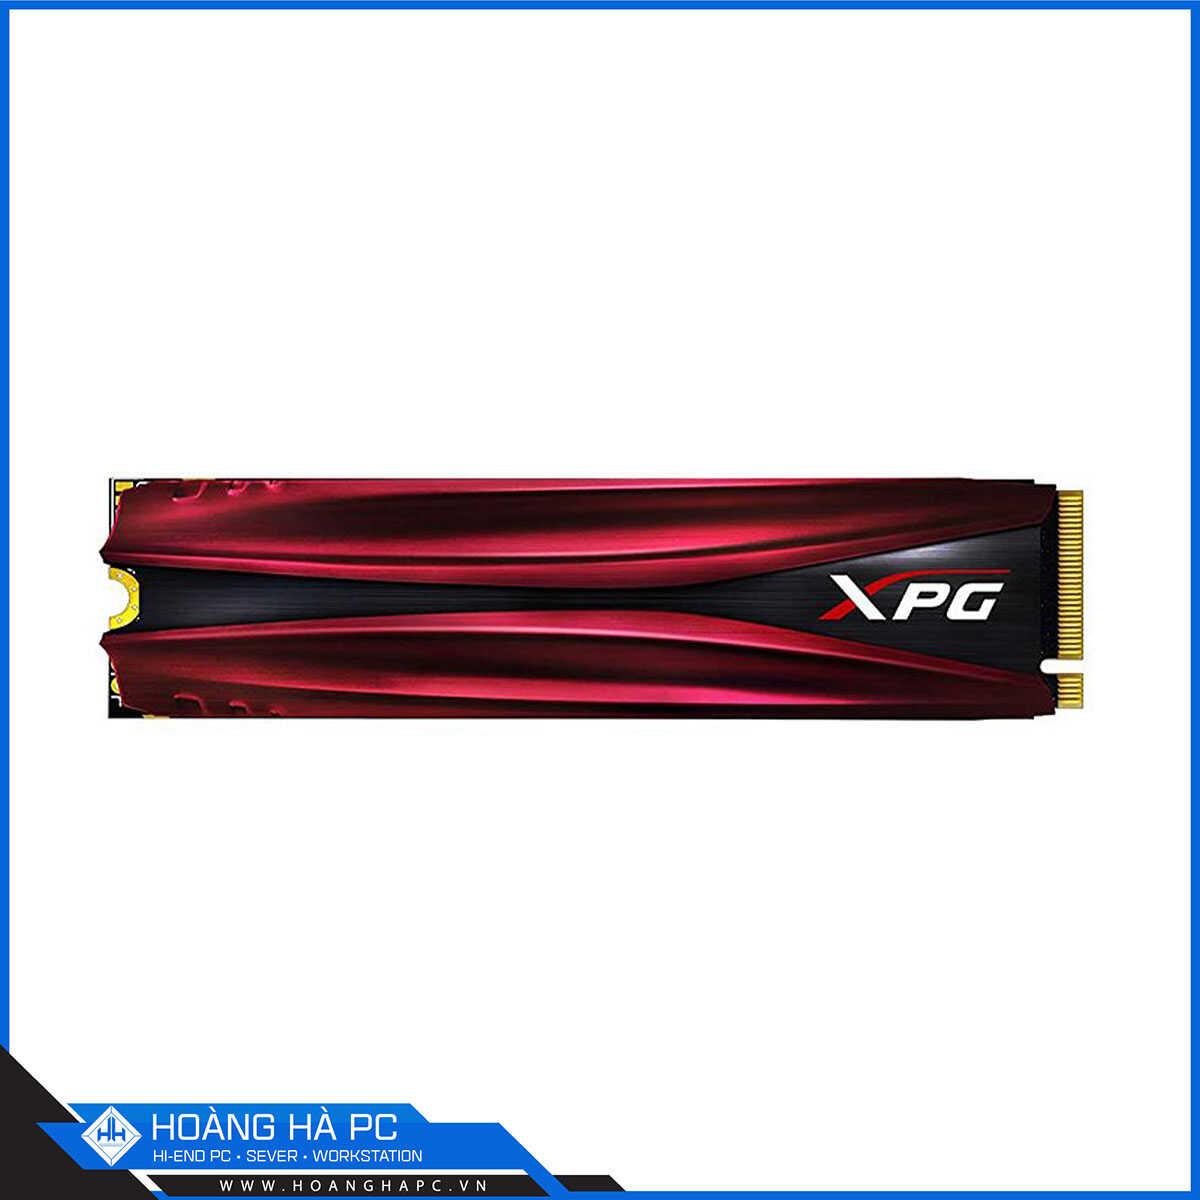 ổ cứng Adata XPG Gammix S11 Pro 256GB